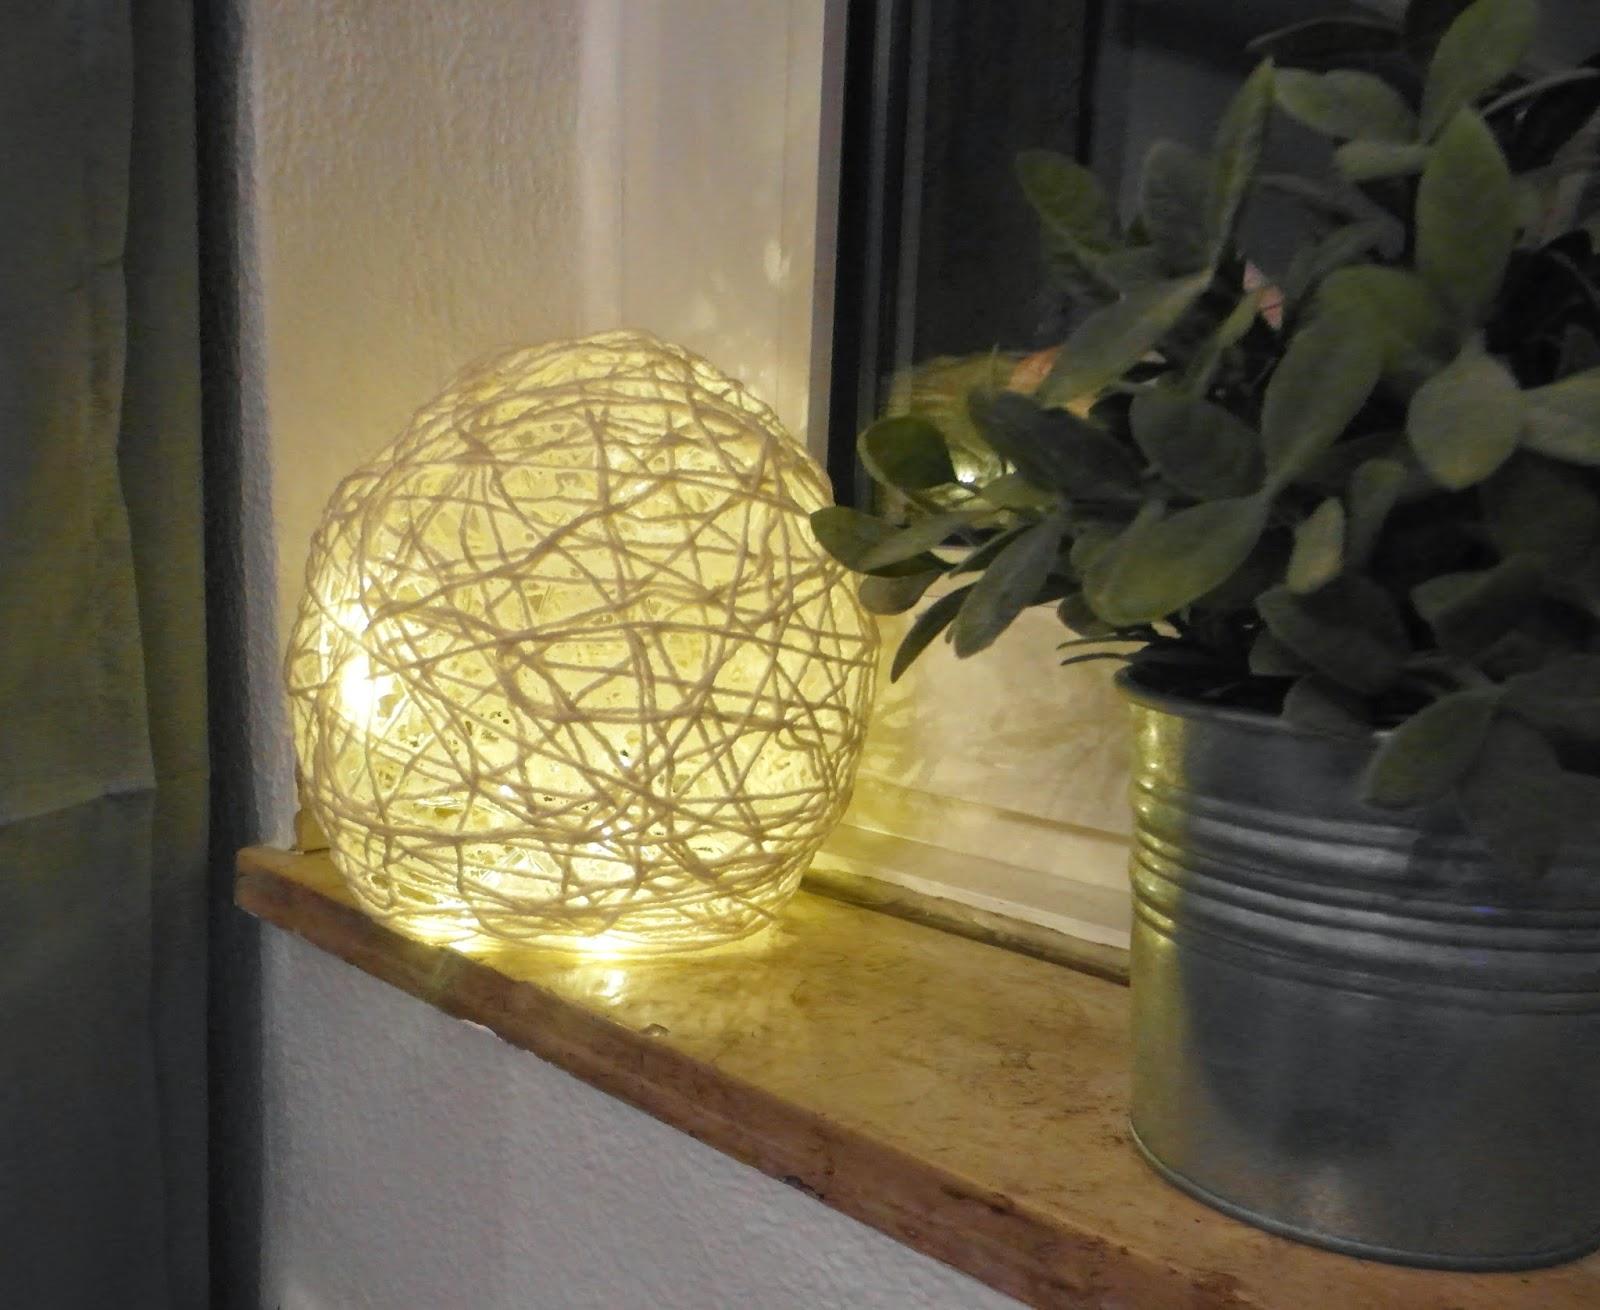 Lampe Aus Wolle : zauber zeller lampe aus wolle selbstgemacht ~ Pilothousefishingboats.com Haus und Dekorationen